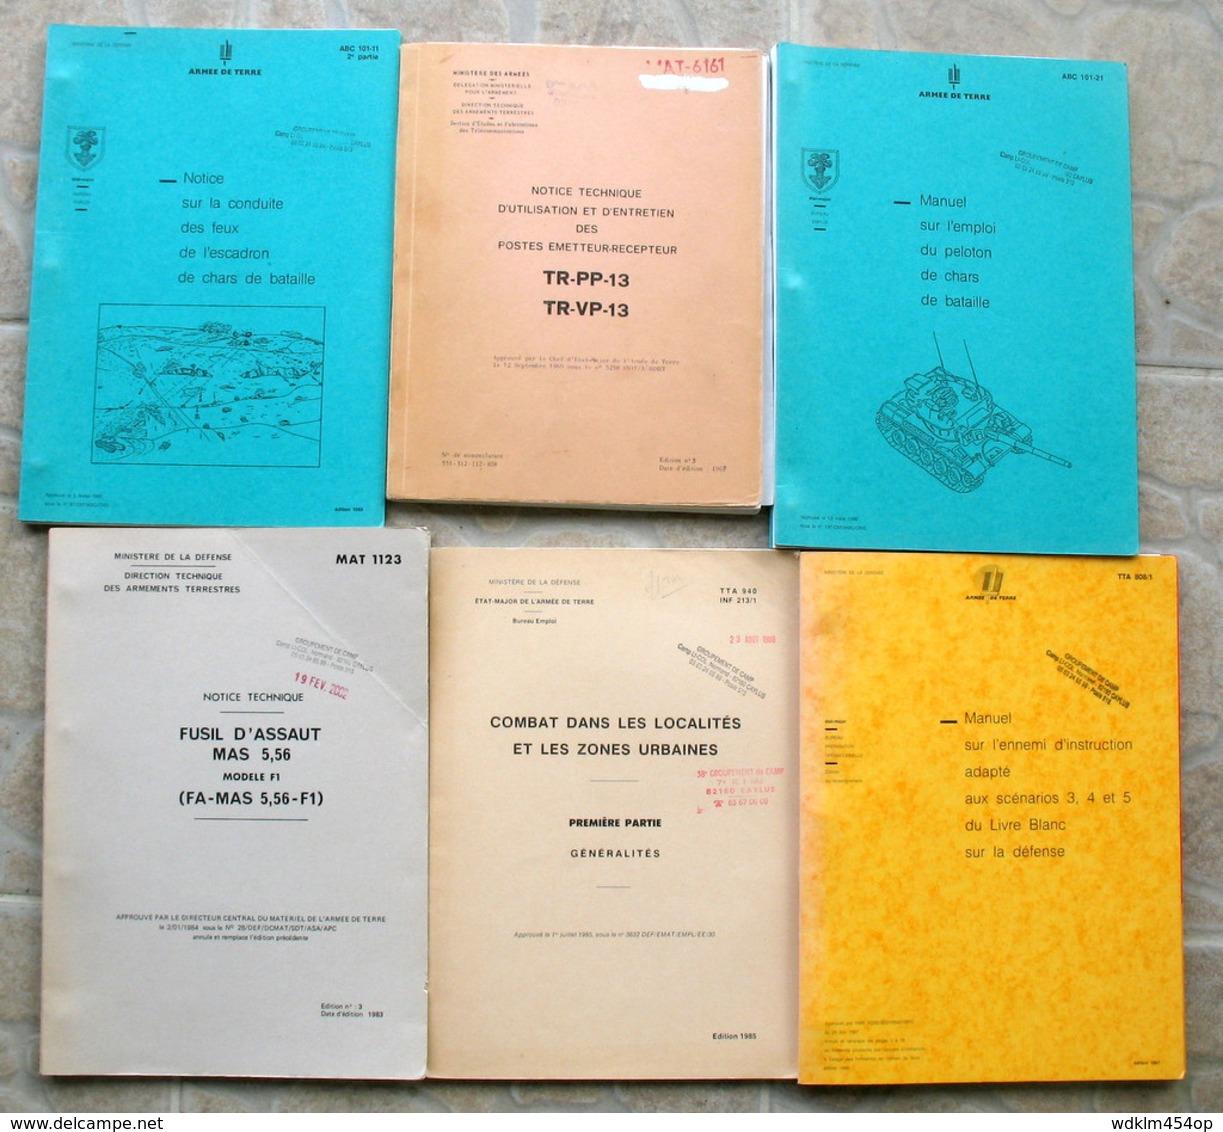 LOT MILITAIRE INF MAT Armement  FAMAS ABC CHARS De BATAILLE TRPP13 VP13 CBT ZONES LOCALITE & URBAINES..... - Livres, Revues & Catalogues